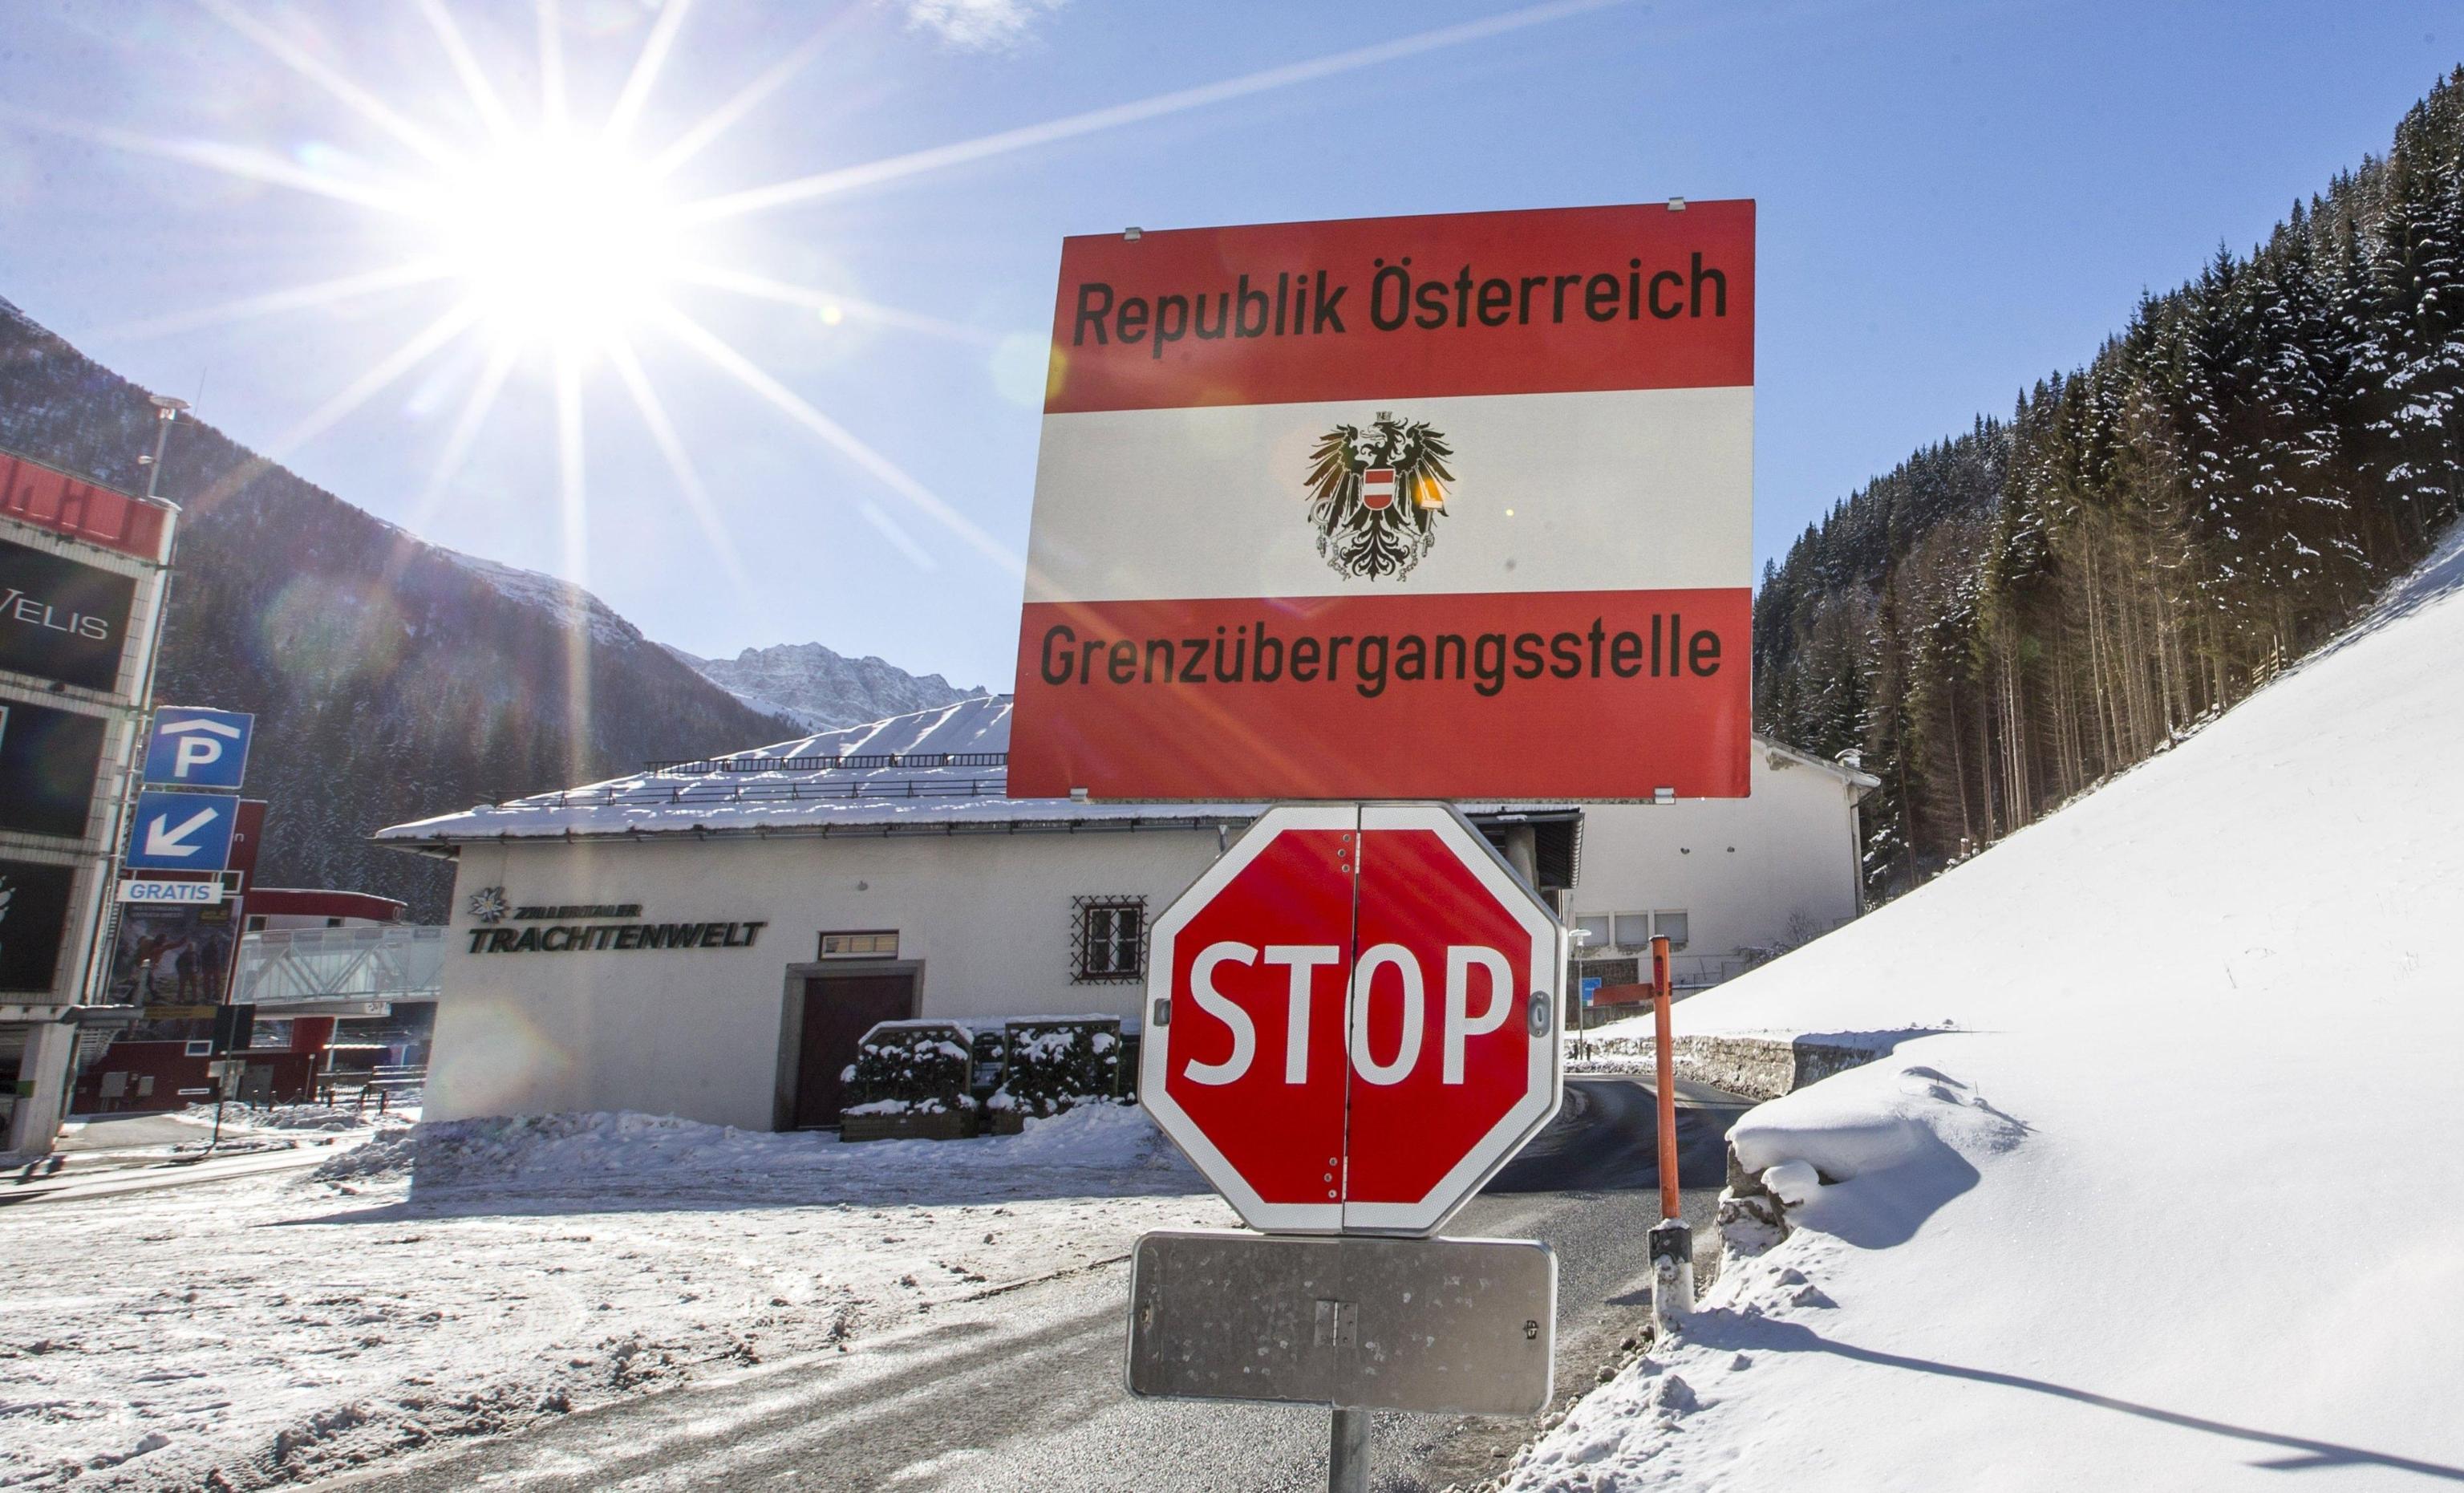 Migranti: Austria pronta a 'proteggere i confini Sud' - Europa